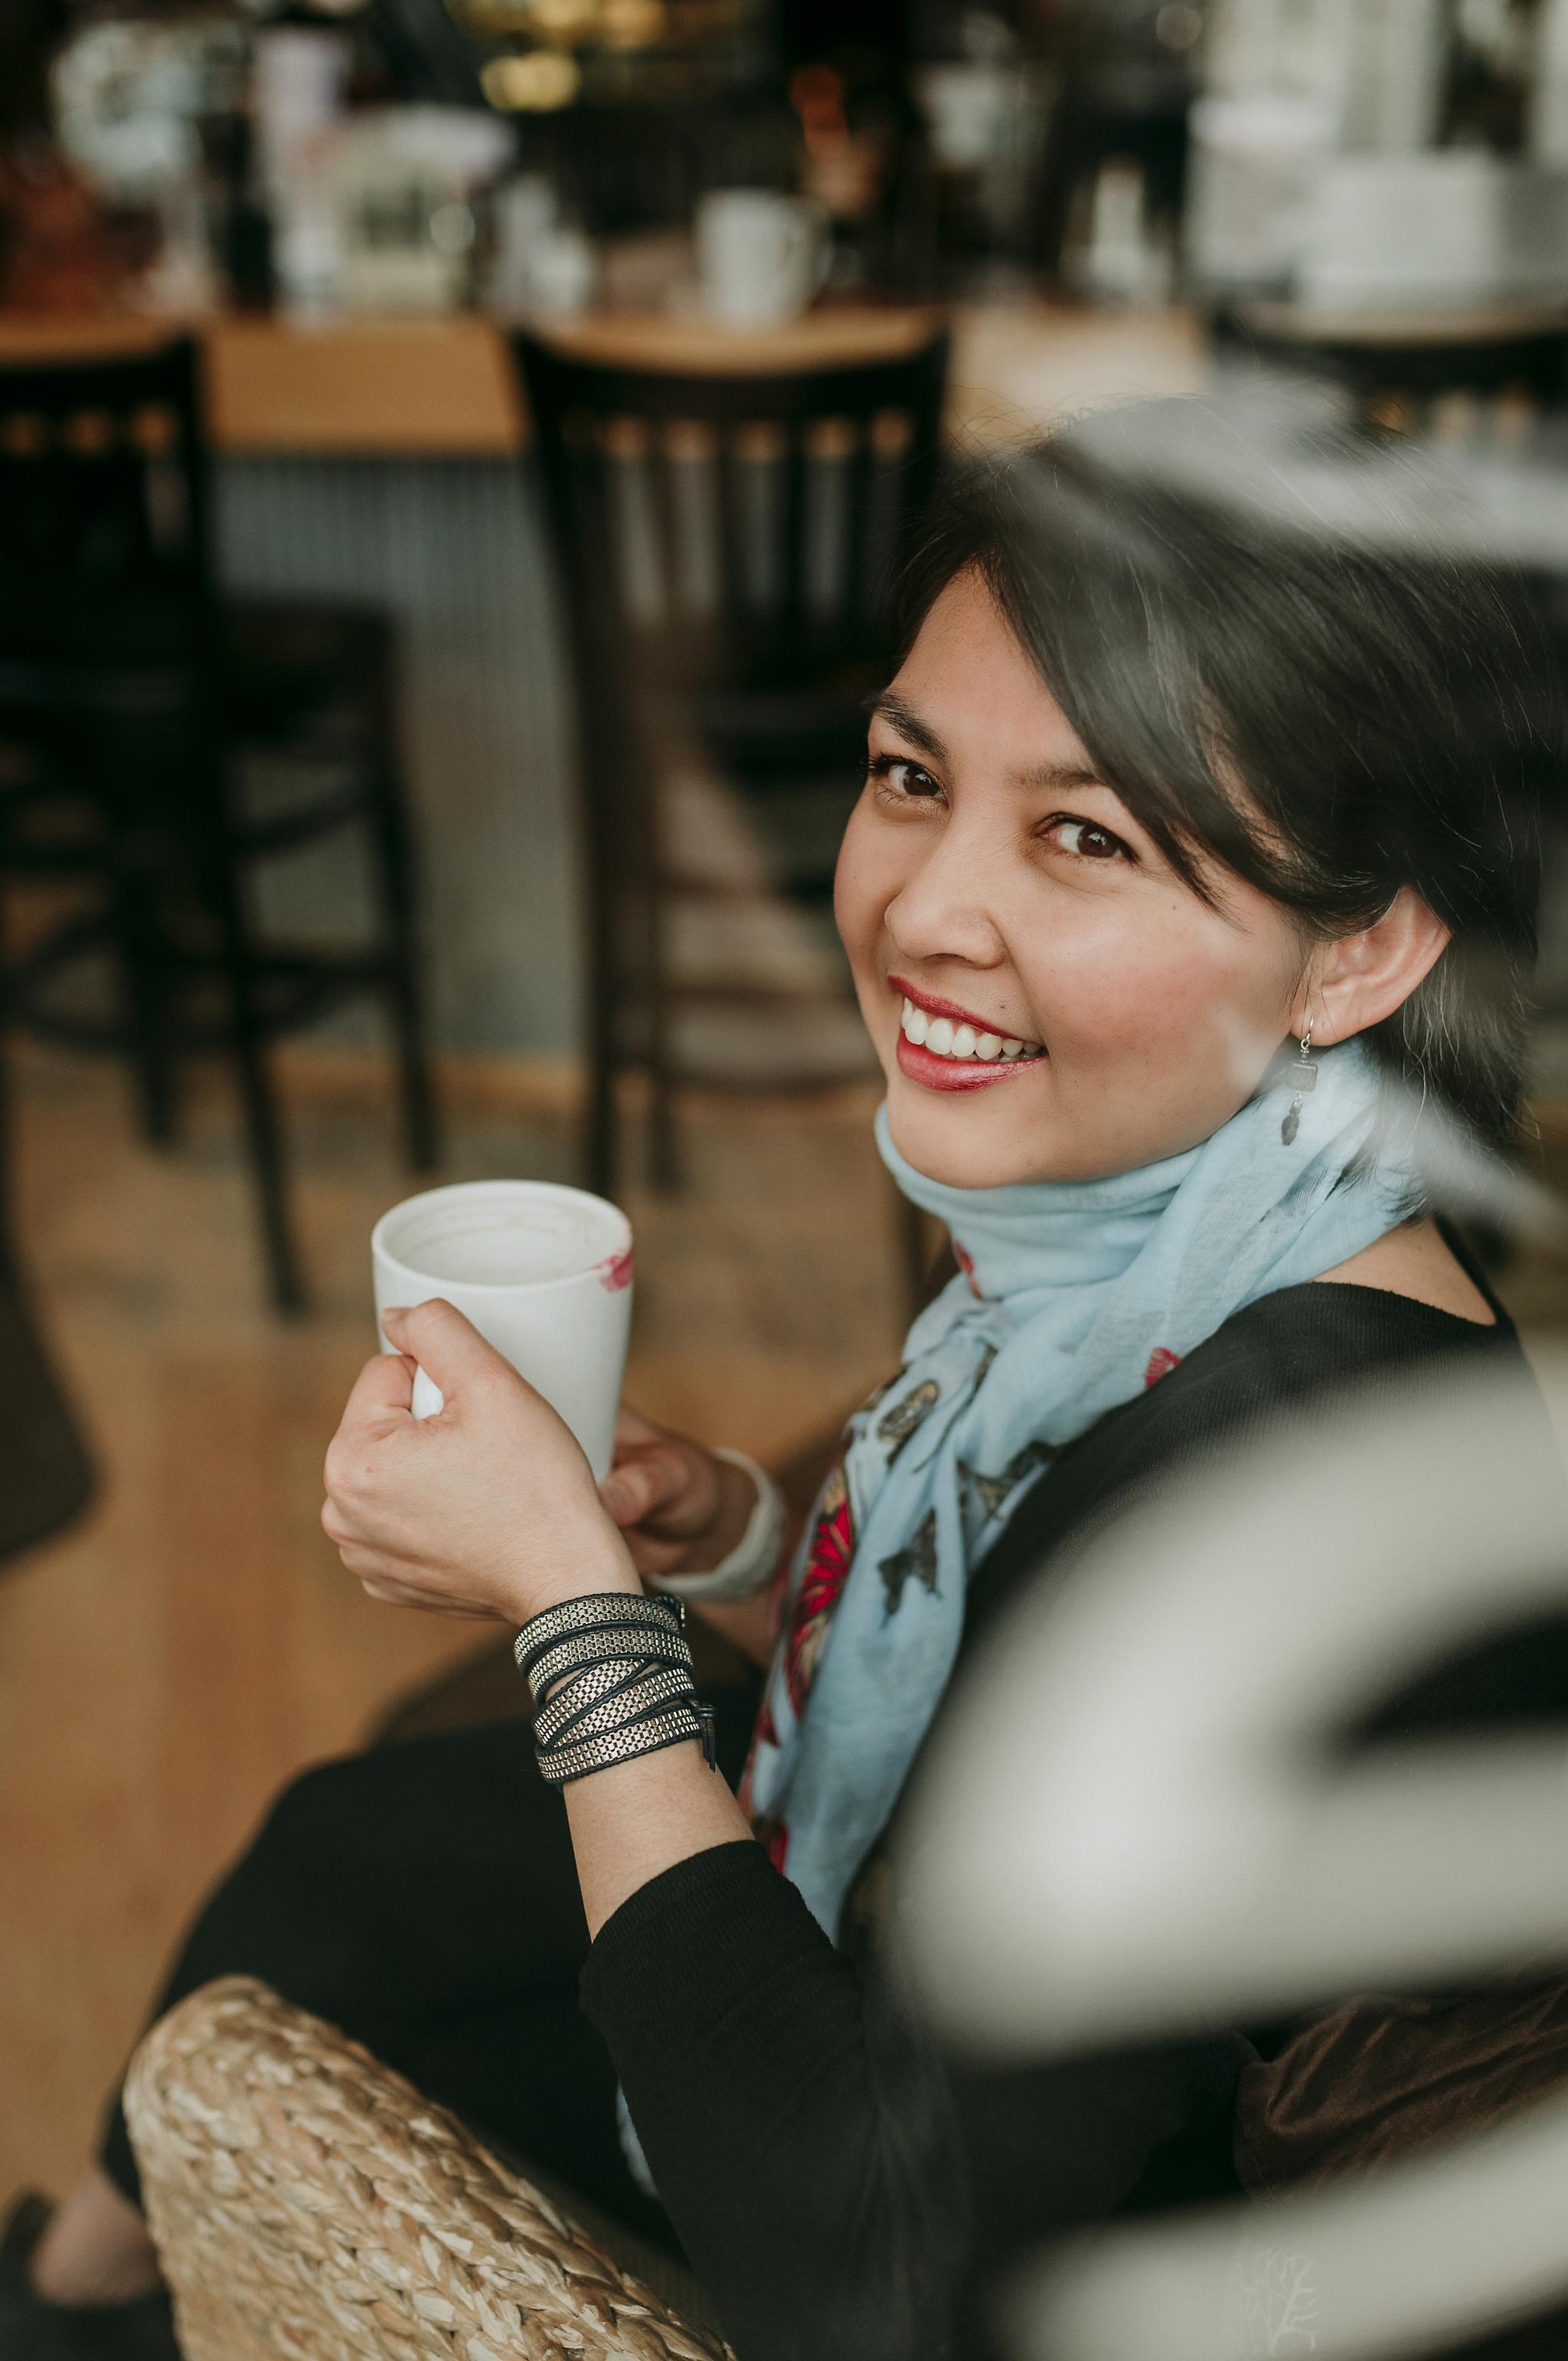 Creative Lifestyle Headshot | Shannon Kathleen Photography